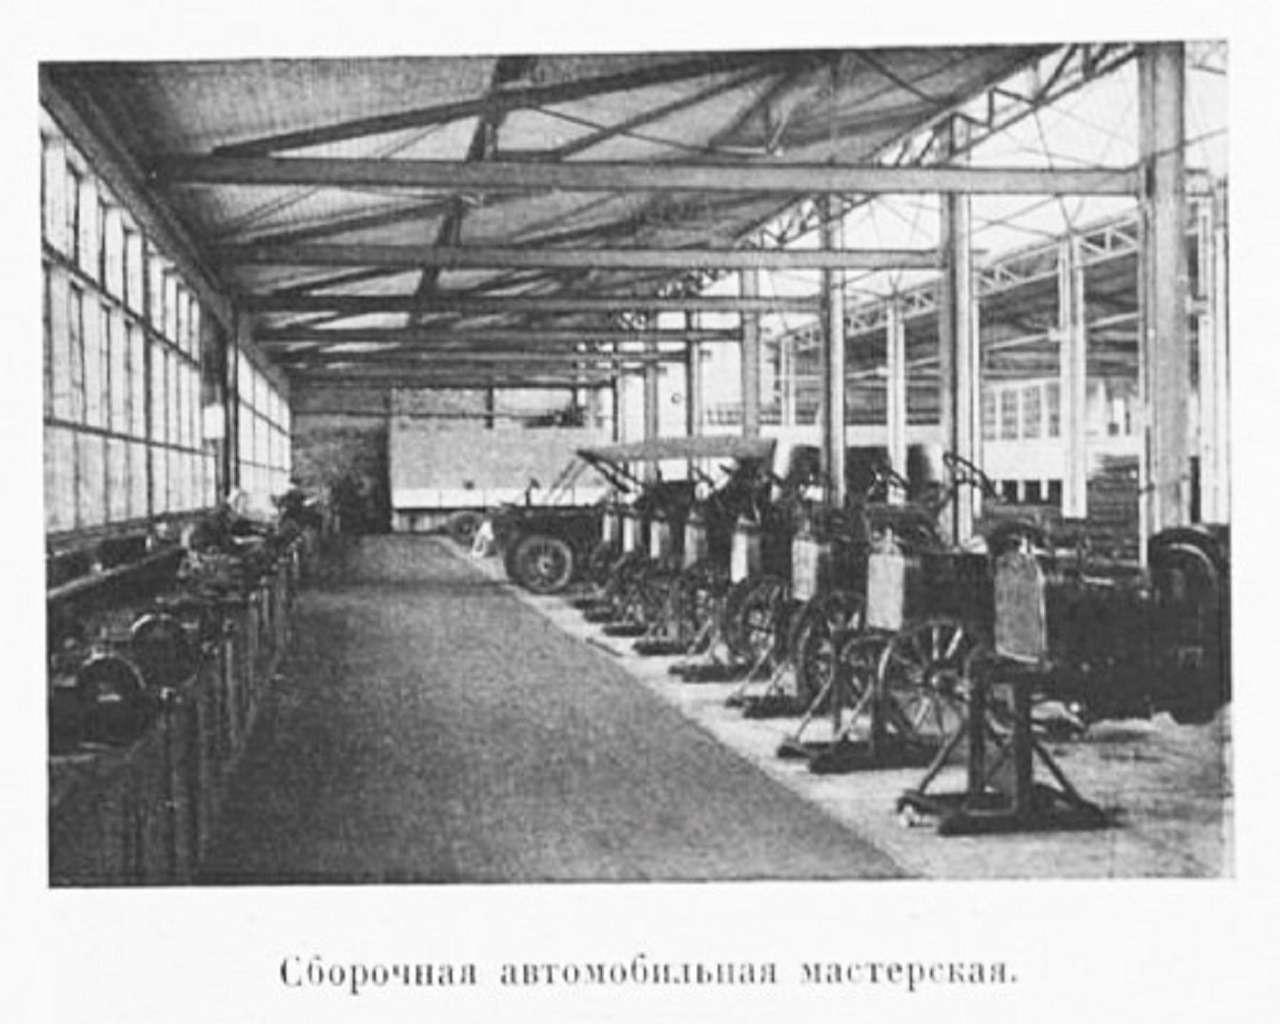 Рождение Руссо-Балта: как выглядел автозавод Российской Империи— фото 1225917